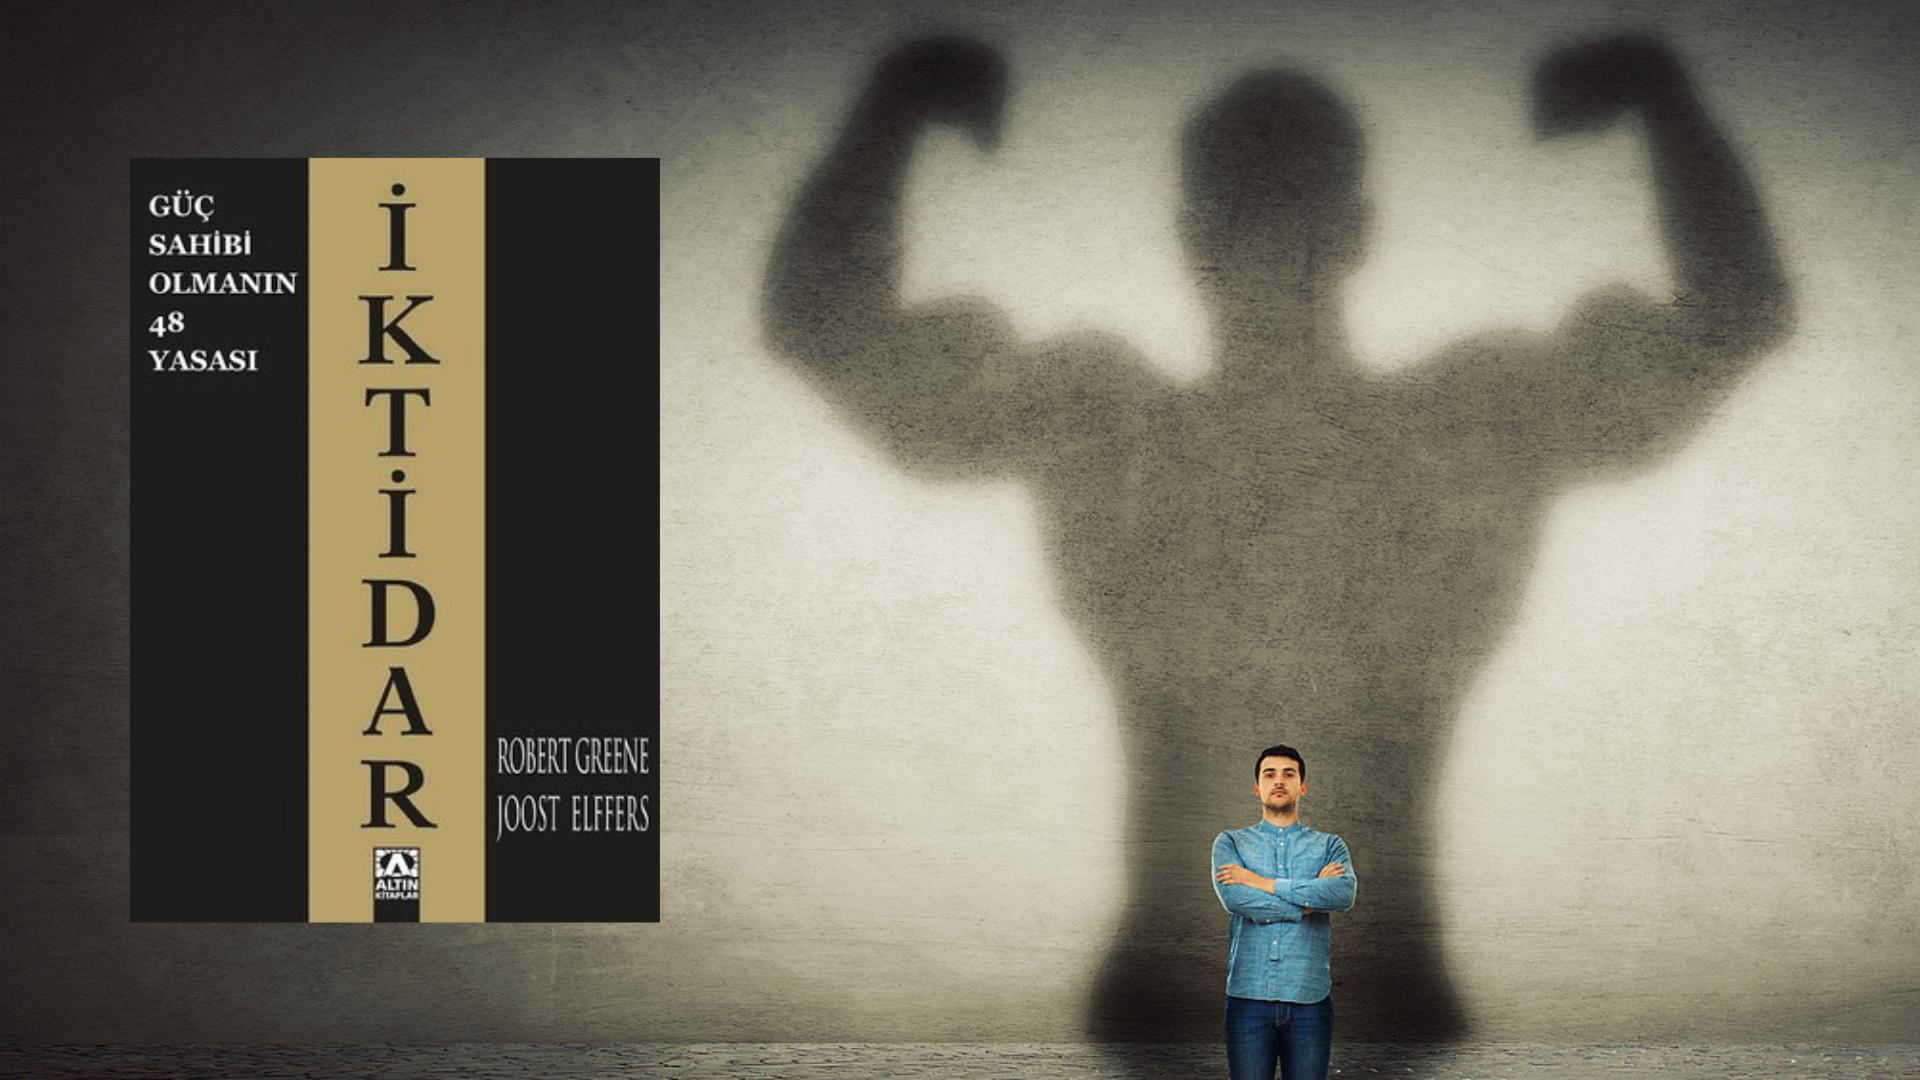 Kitap: İktidar | Güç Sahibi Olmanın 48 Yasası | Yazarlar: Robert Greene – Joost Elffers | Yorumlayan: Hülya Erarslan